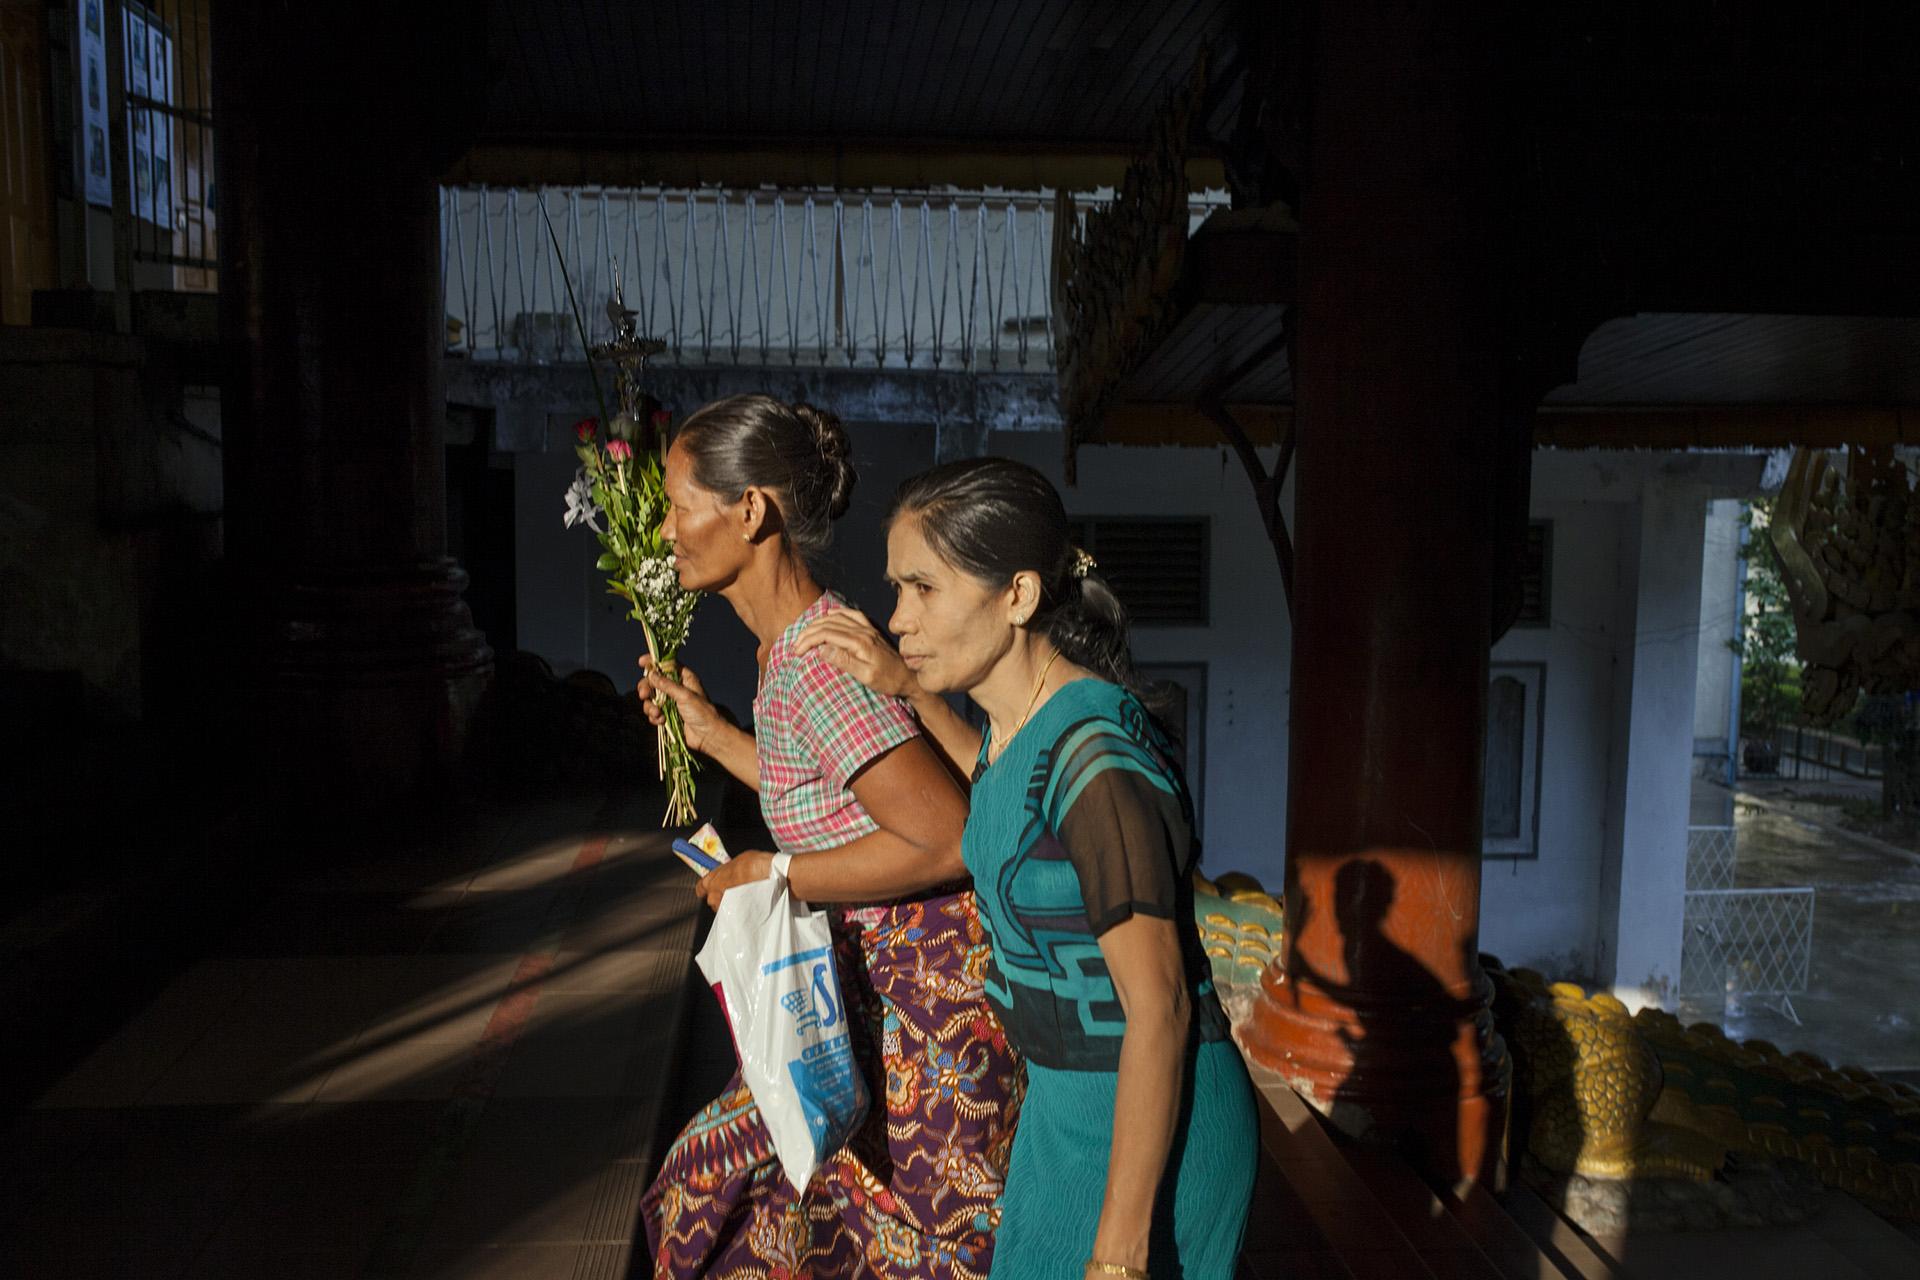 """Deux femmes montent les grands escaliers pour accéder à la pagode Shwe Dagon. Le bouquet de feuilles servira à faire des offrandes sur l'un des """"autels"""". Les offrandes servent entre autres à garder la chance de son côté, ou à éviter certains malheurs. Rangoun, Birmanie, Mai 2015."""